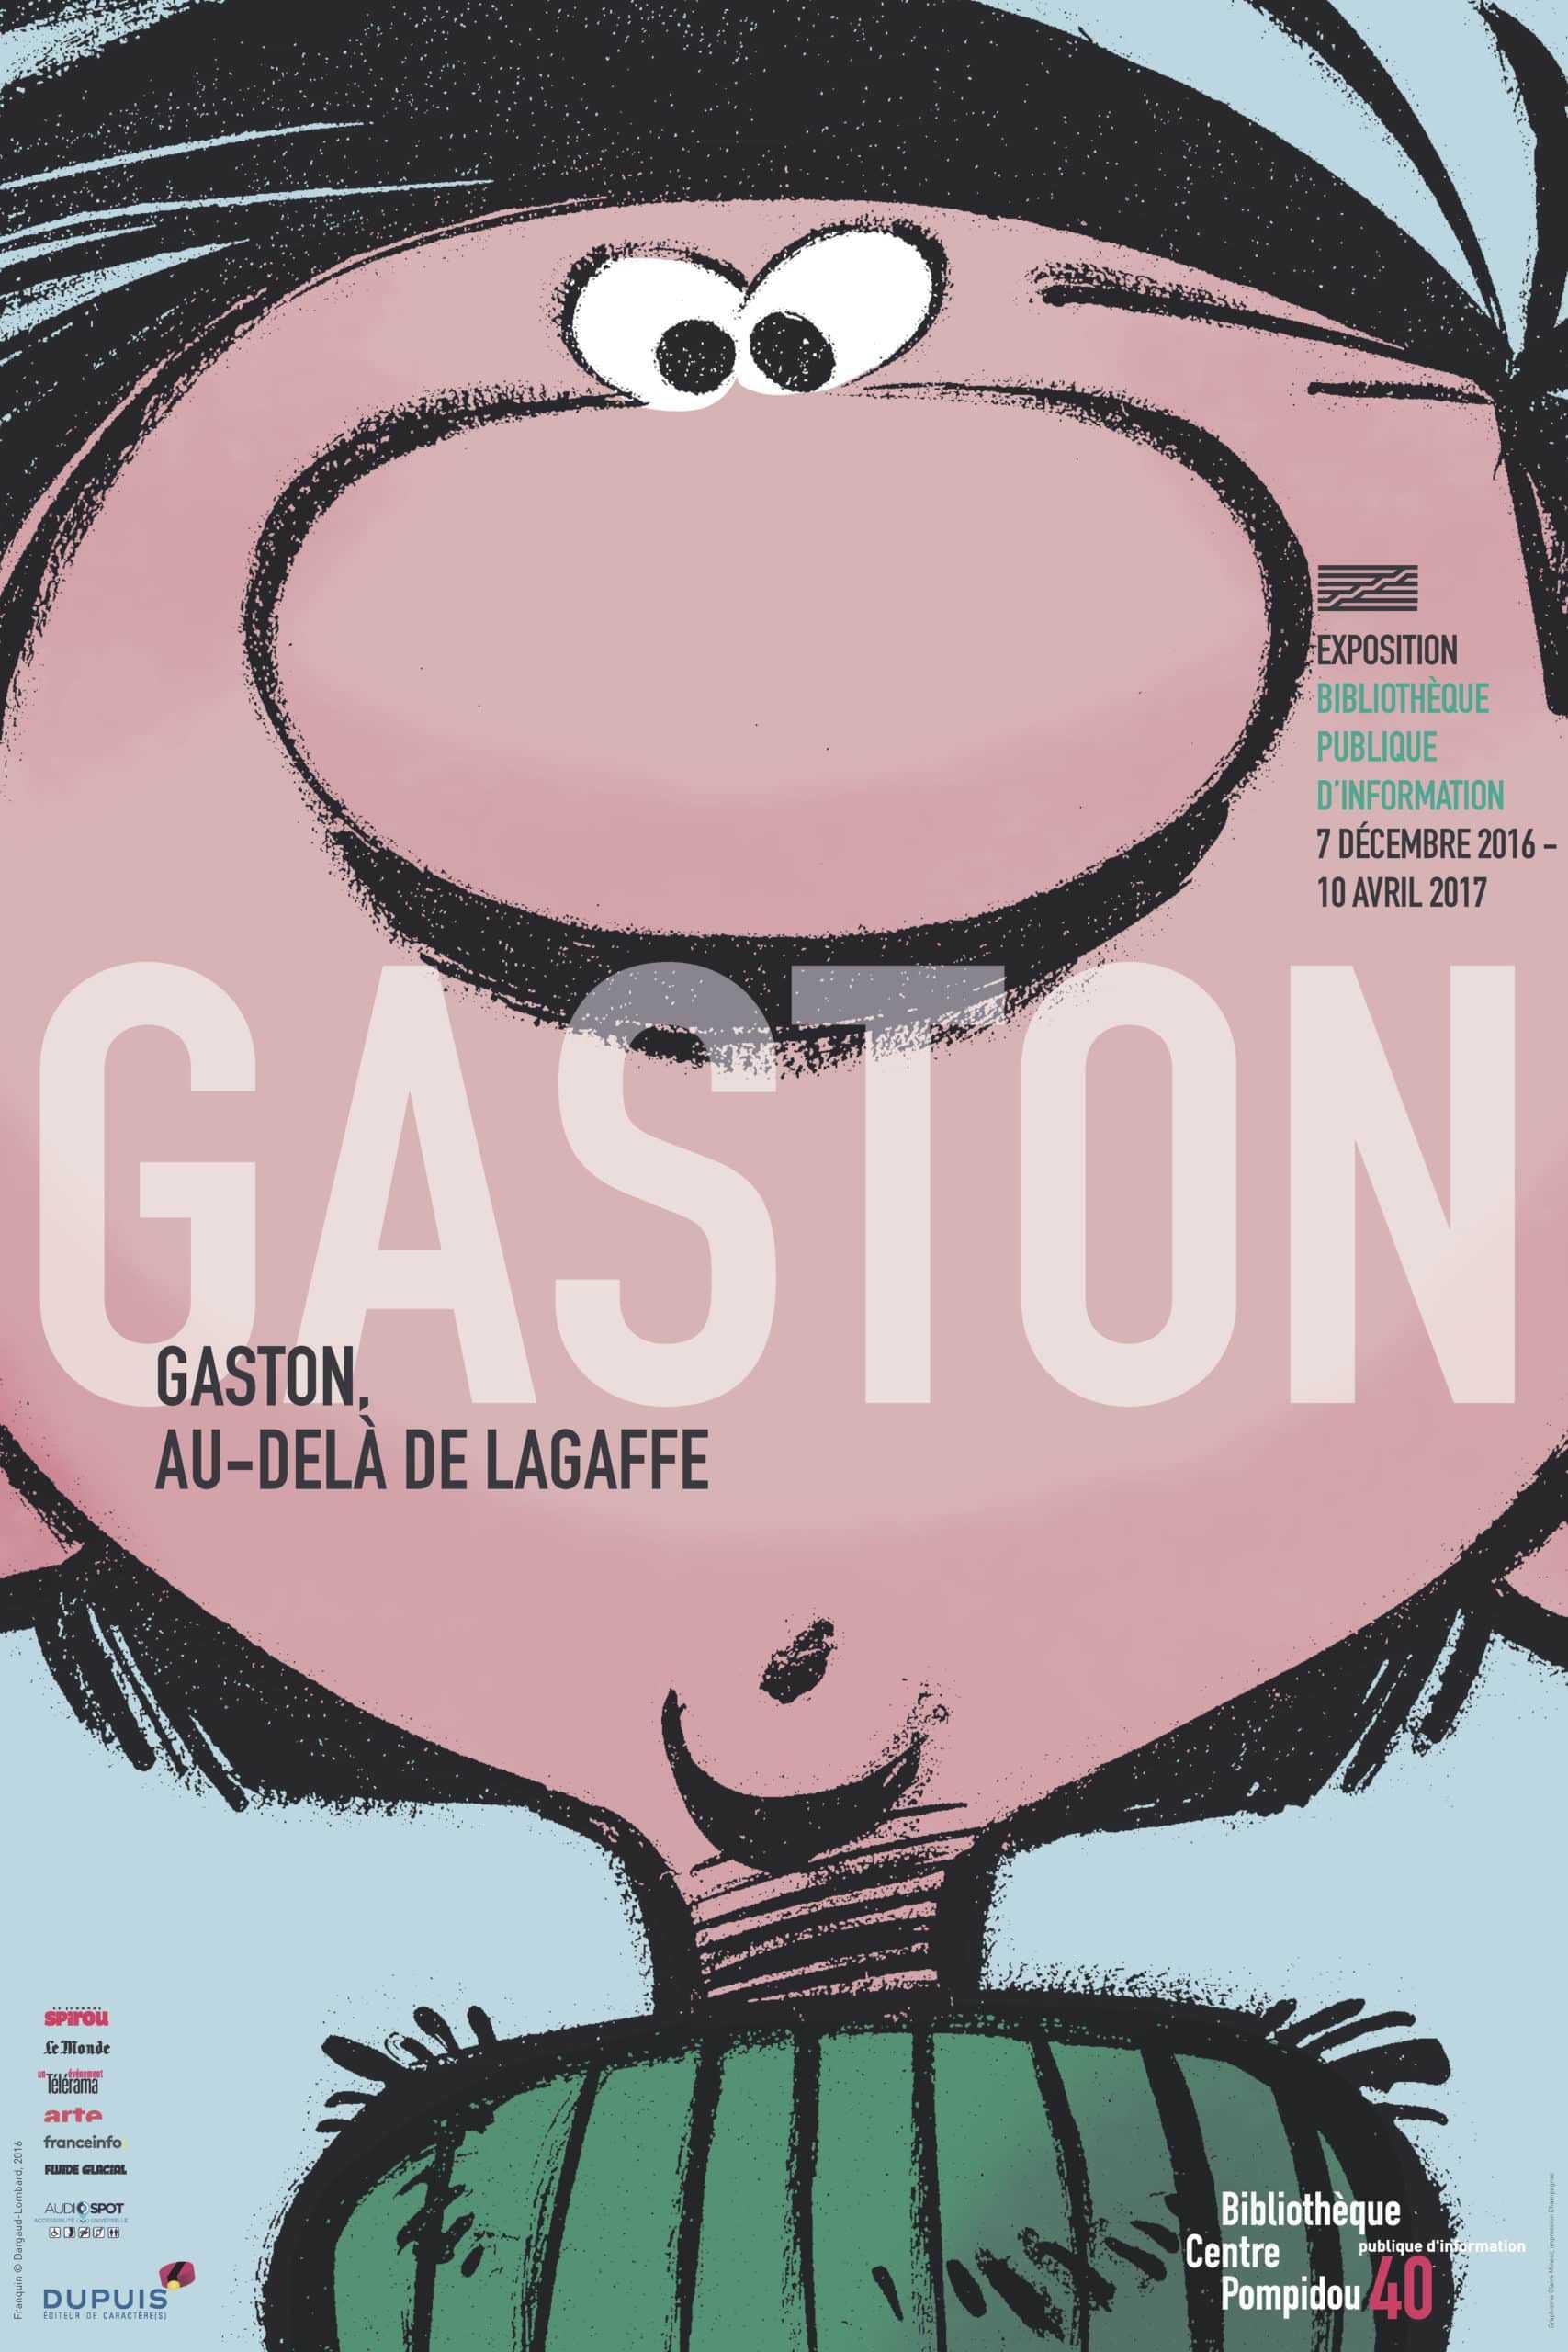 Gaston s'expose au-delà de Lagaffe à la Bibliothèque du Centre Pompidou à Paris